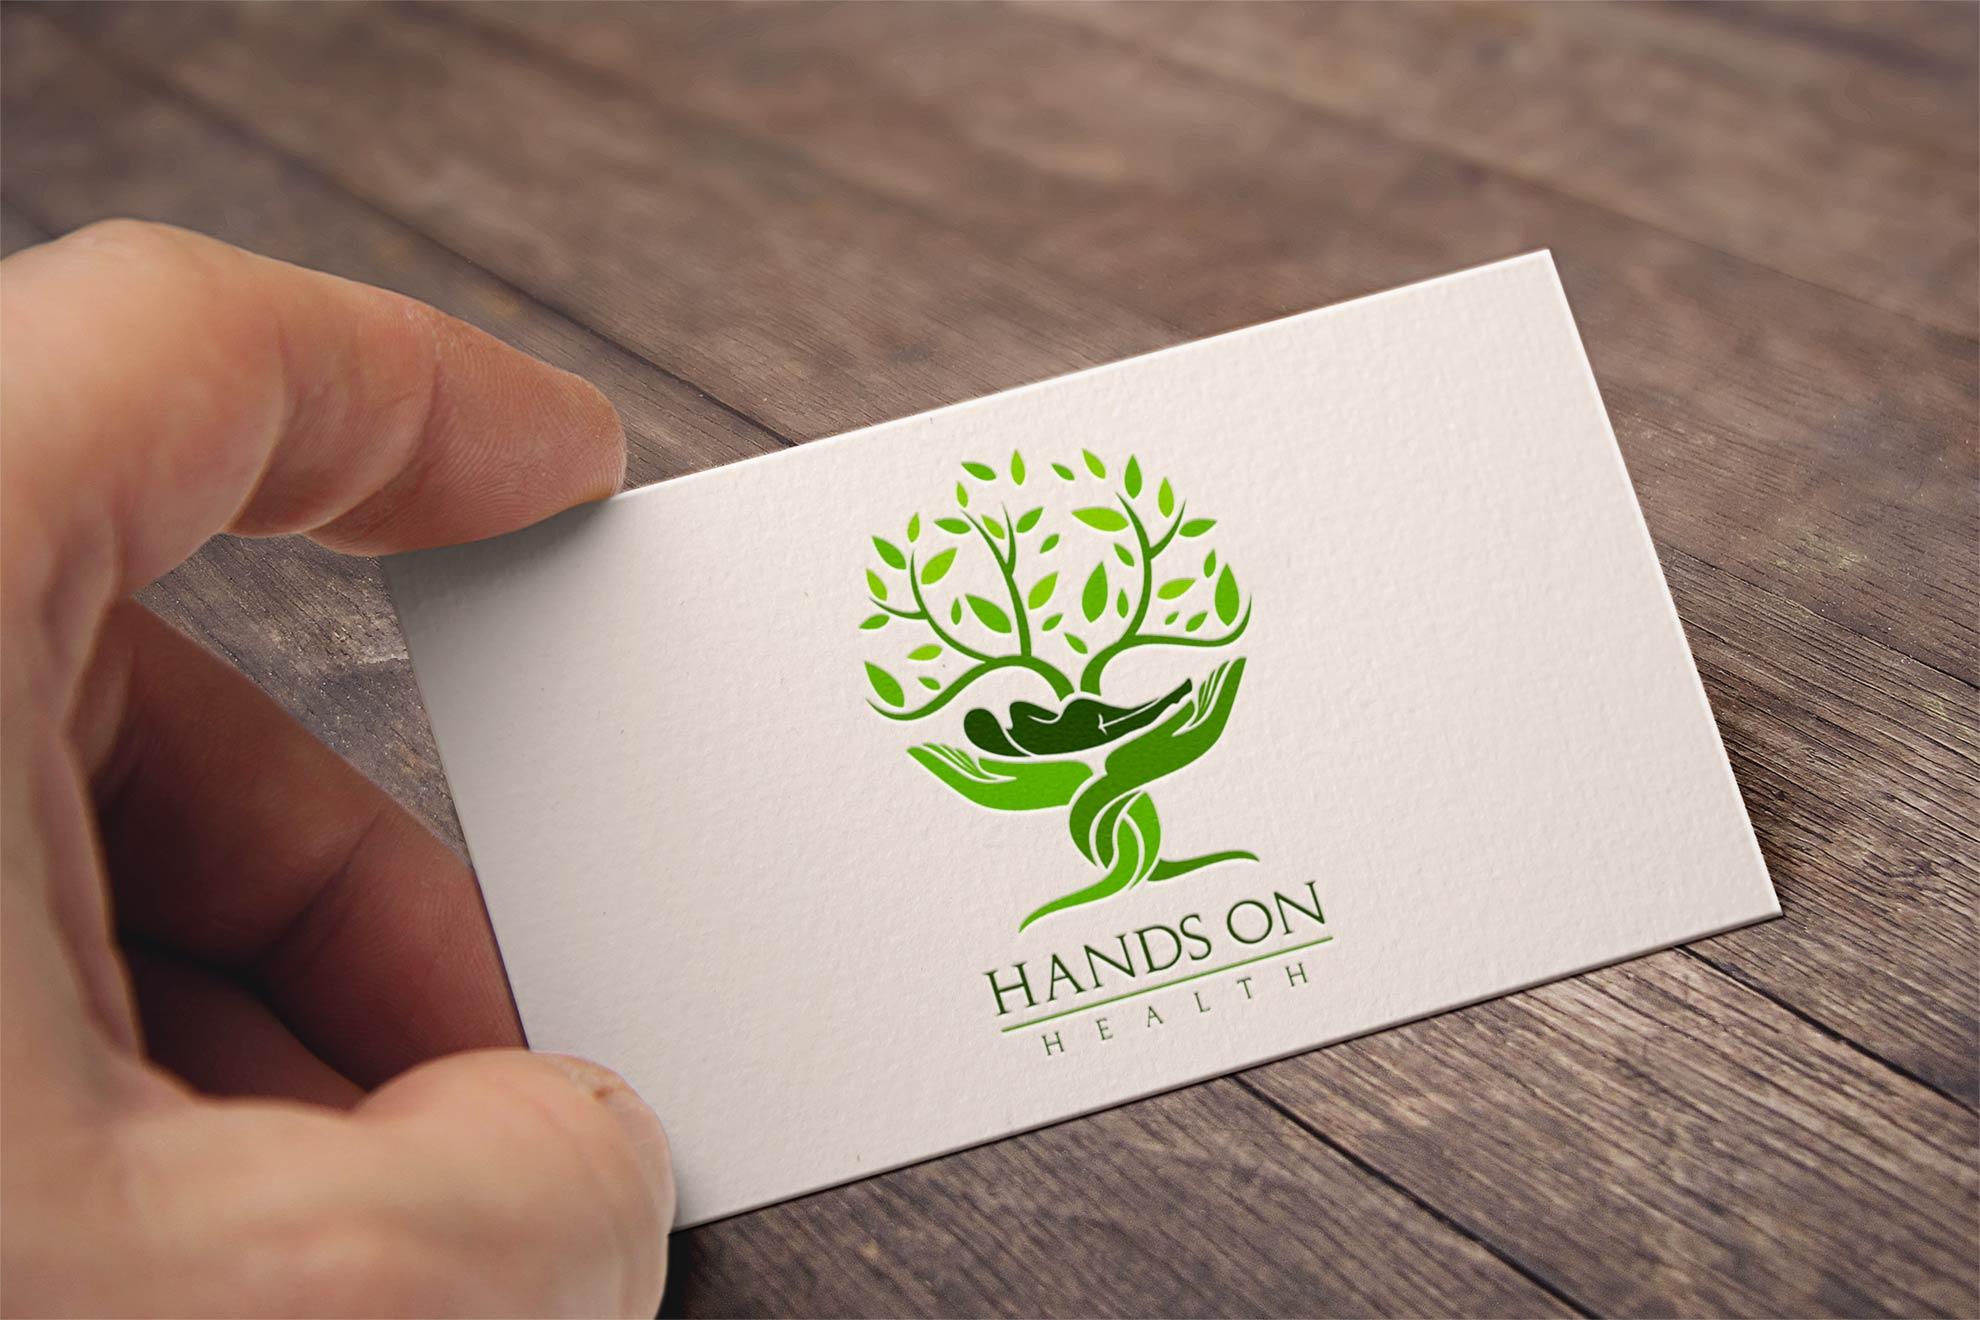 Hands On Health | Ace Digital Design